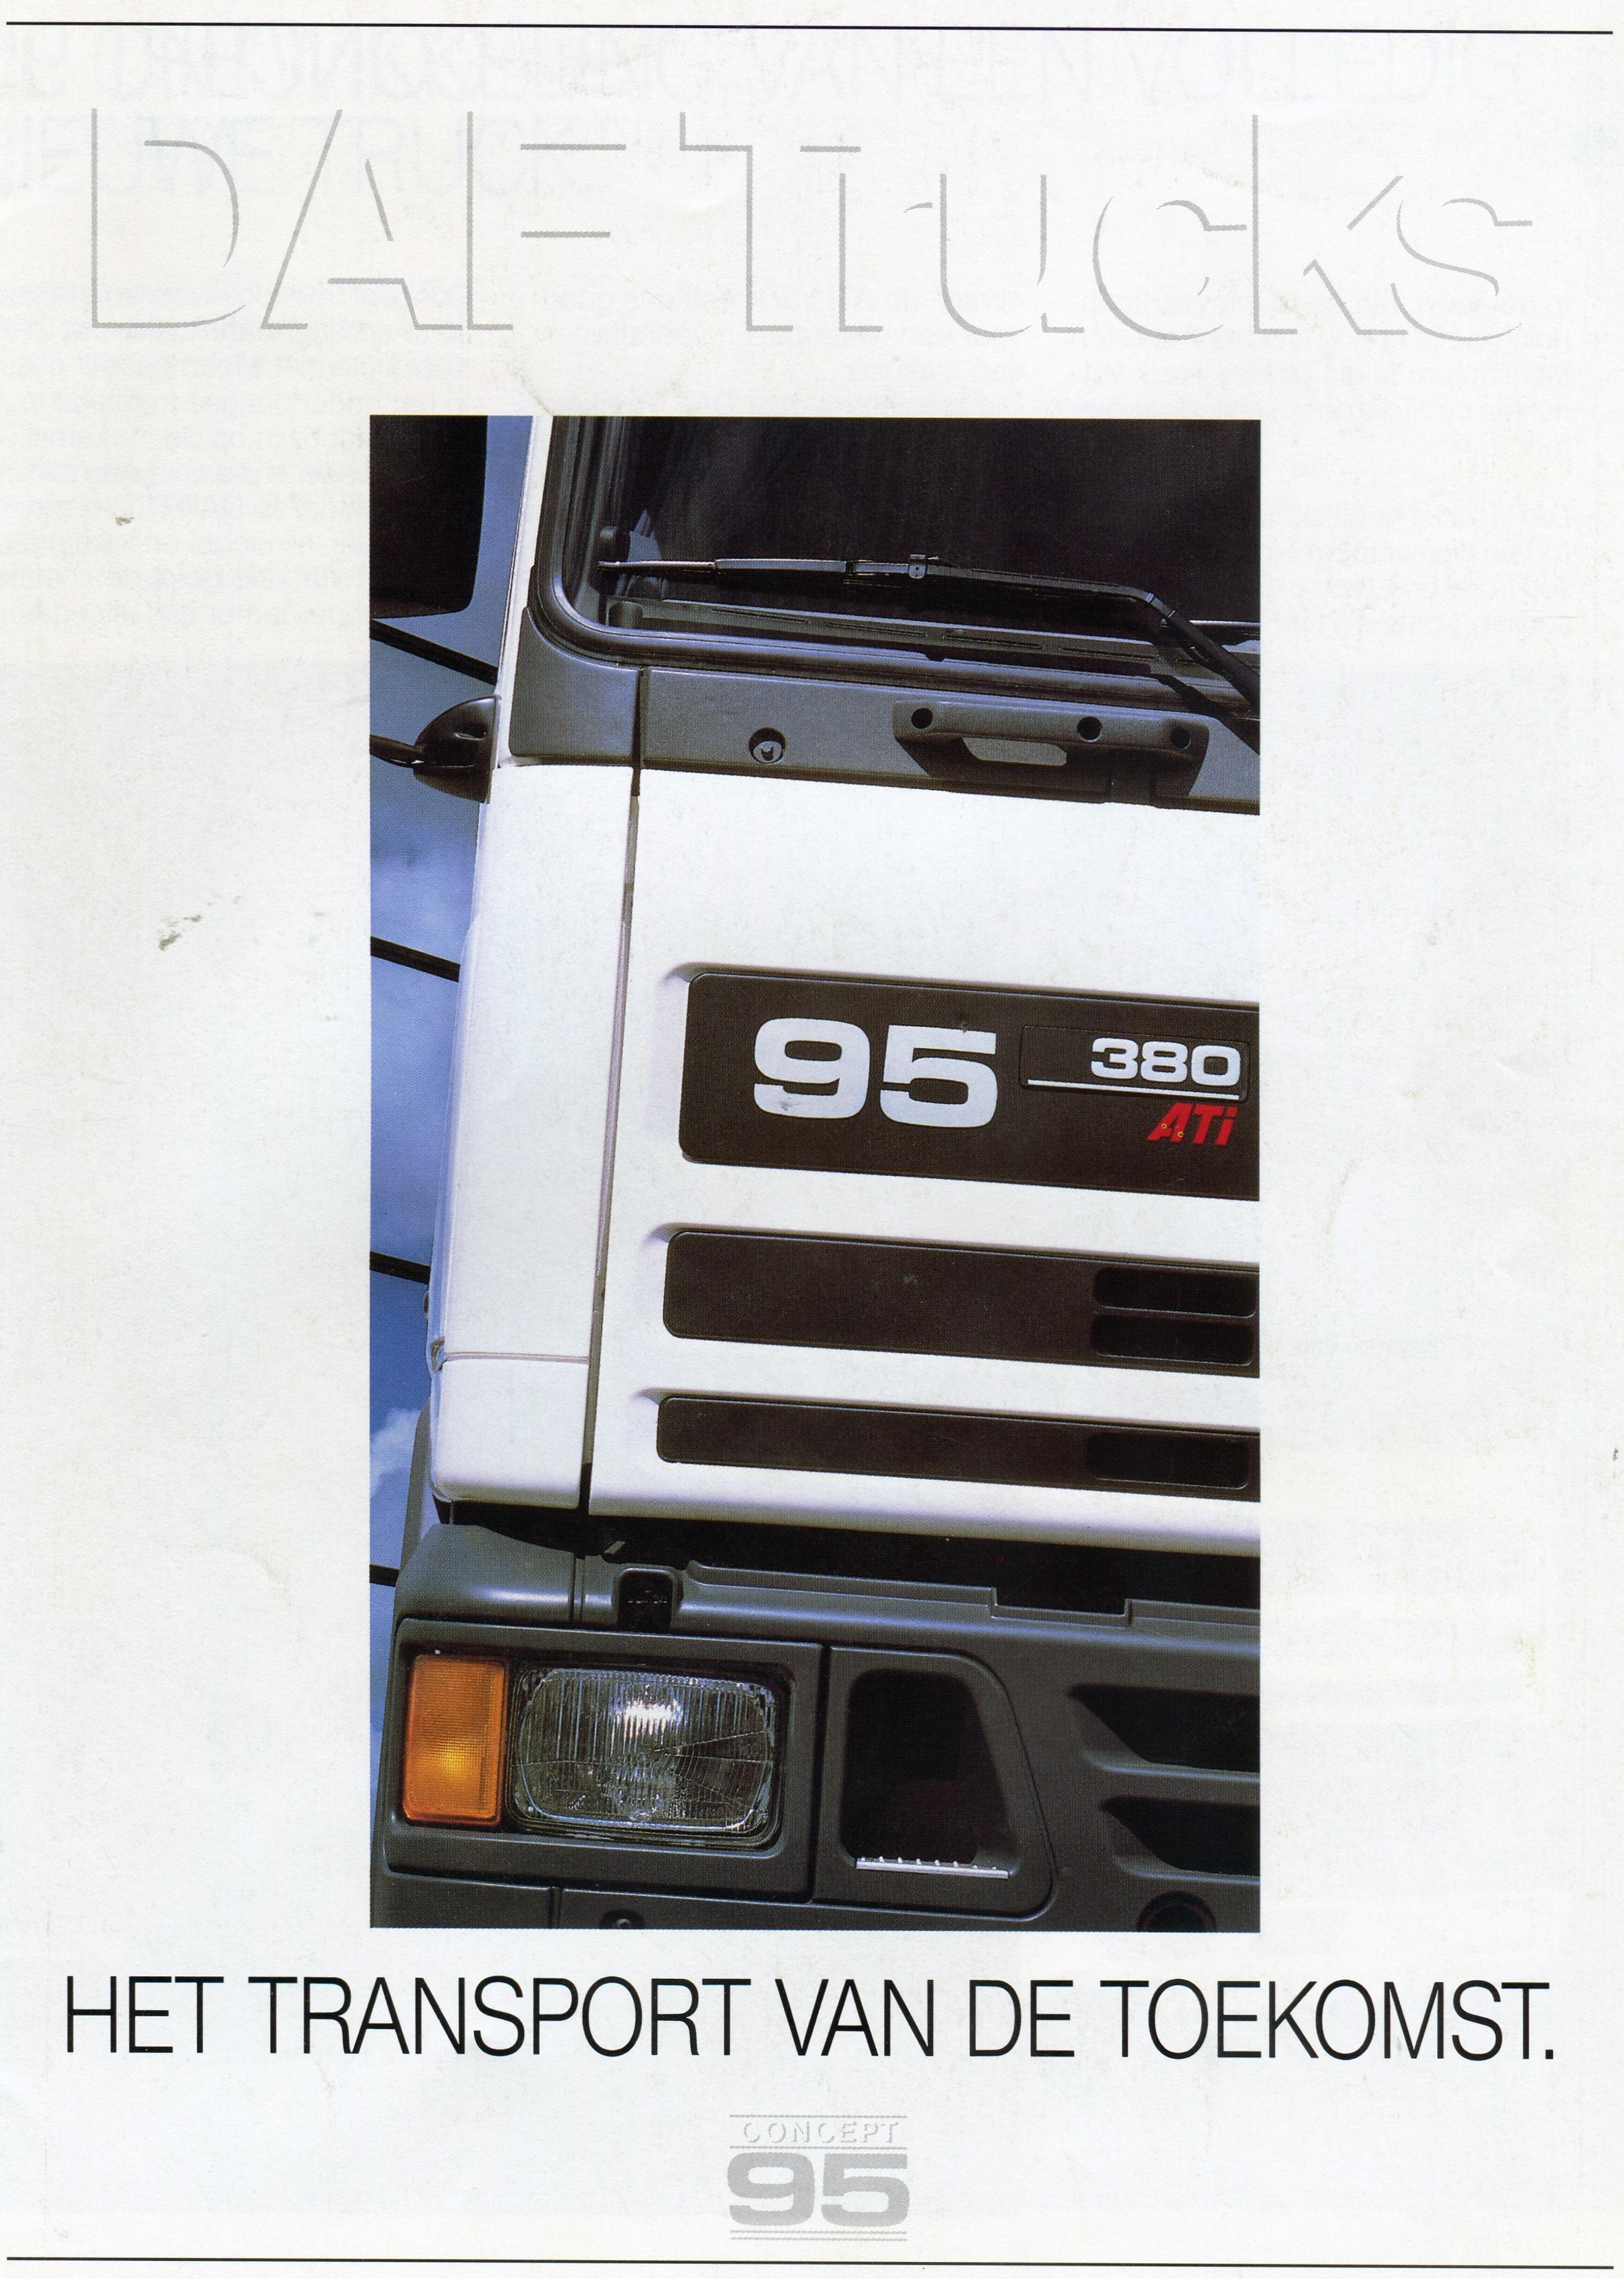 daf--95